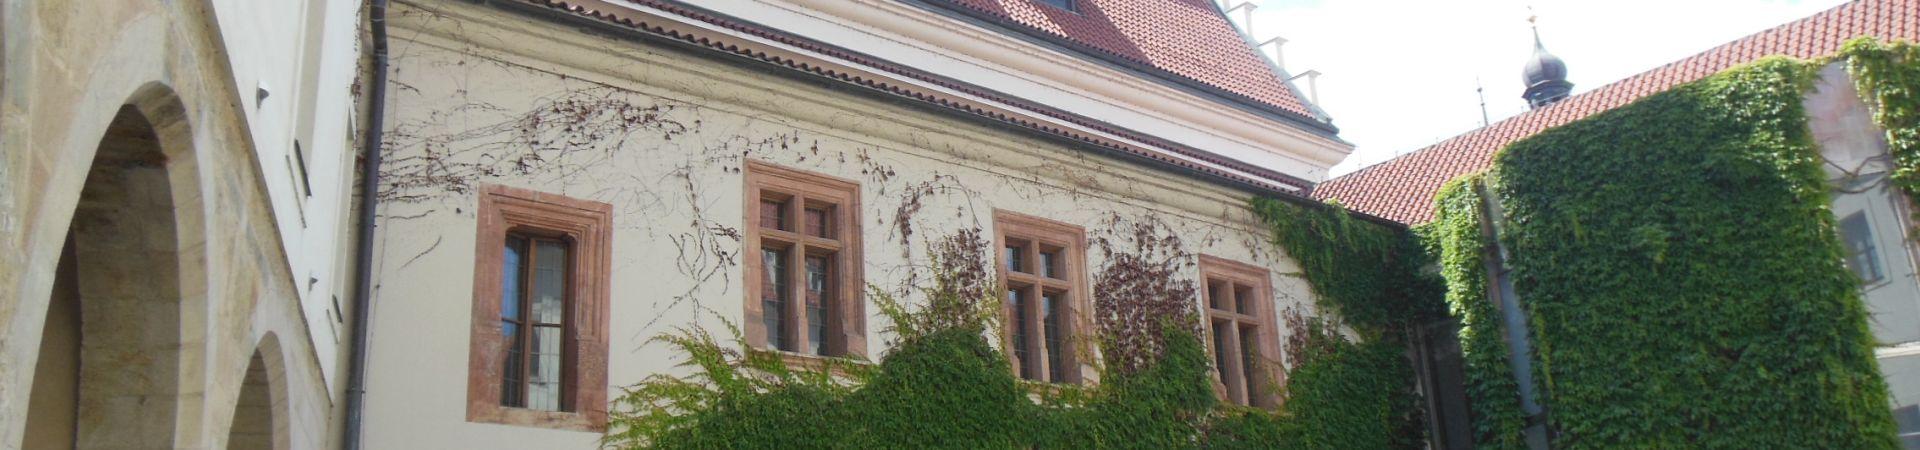 Novoměstská radnice - Nádvoří